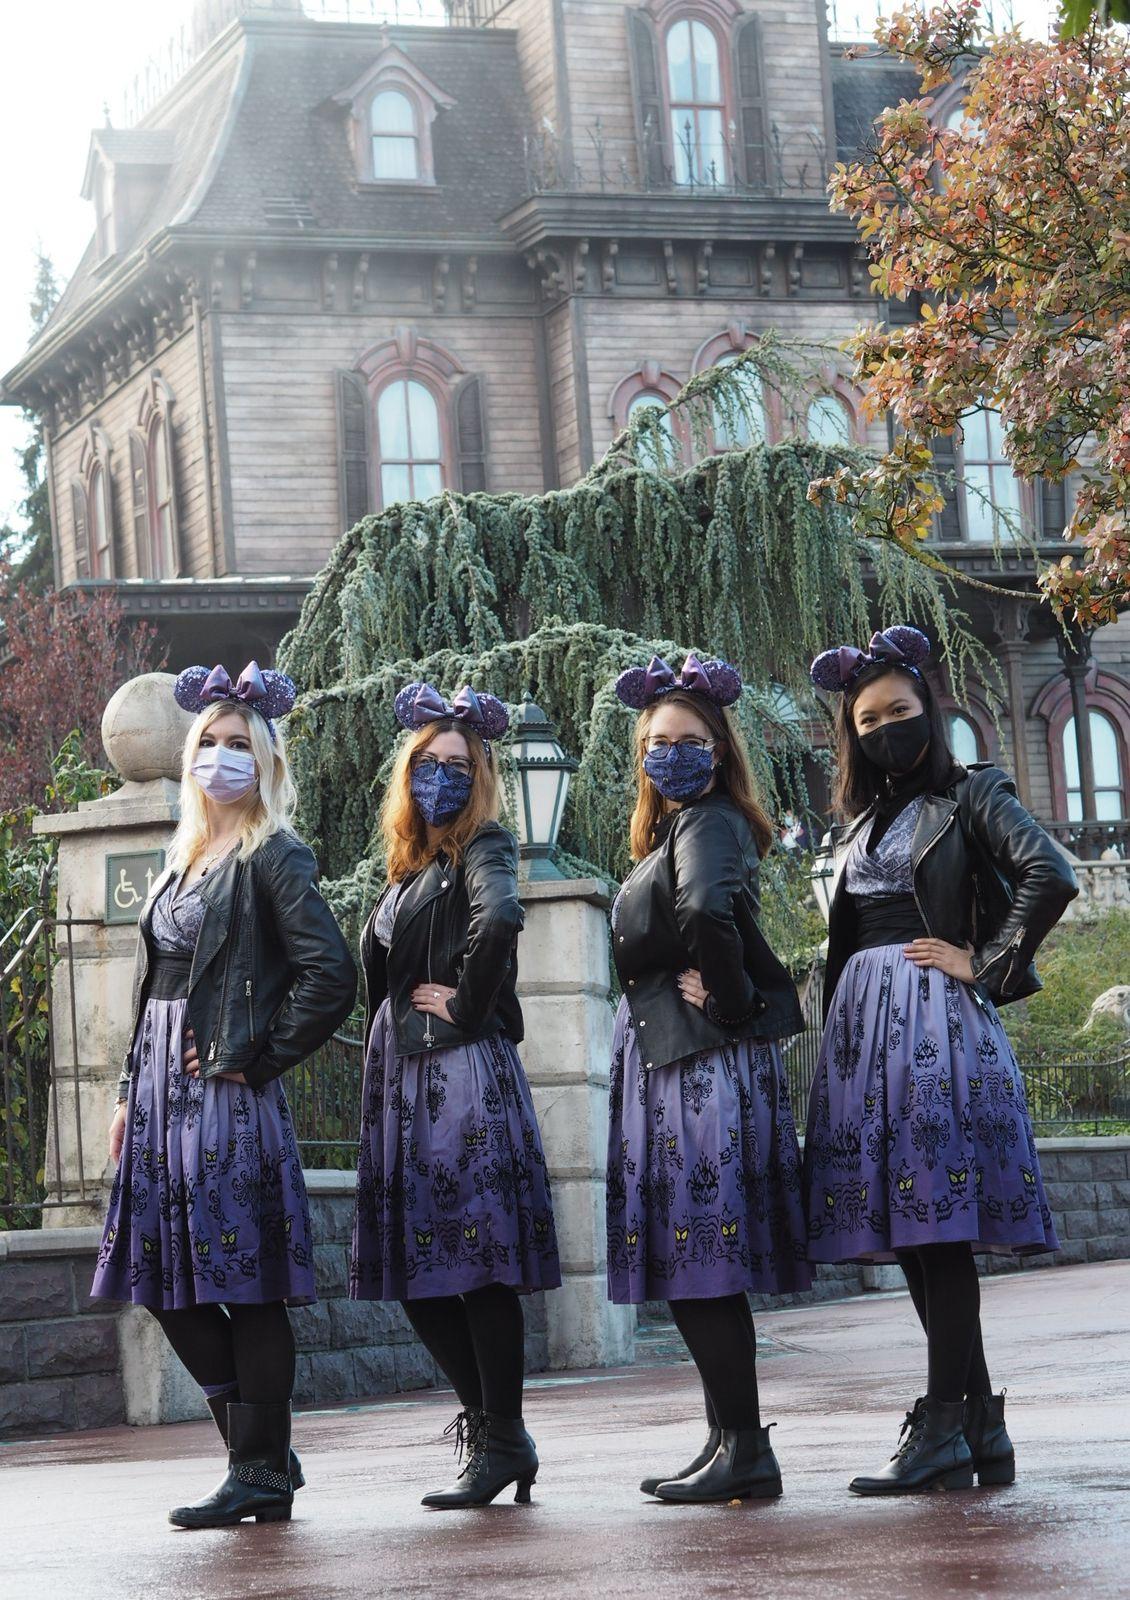 Mes 10 photos préférées prises à Disneyland Paris en 2020 !